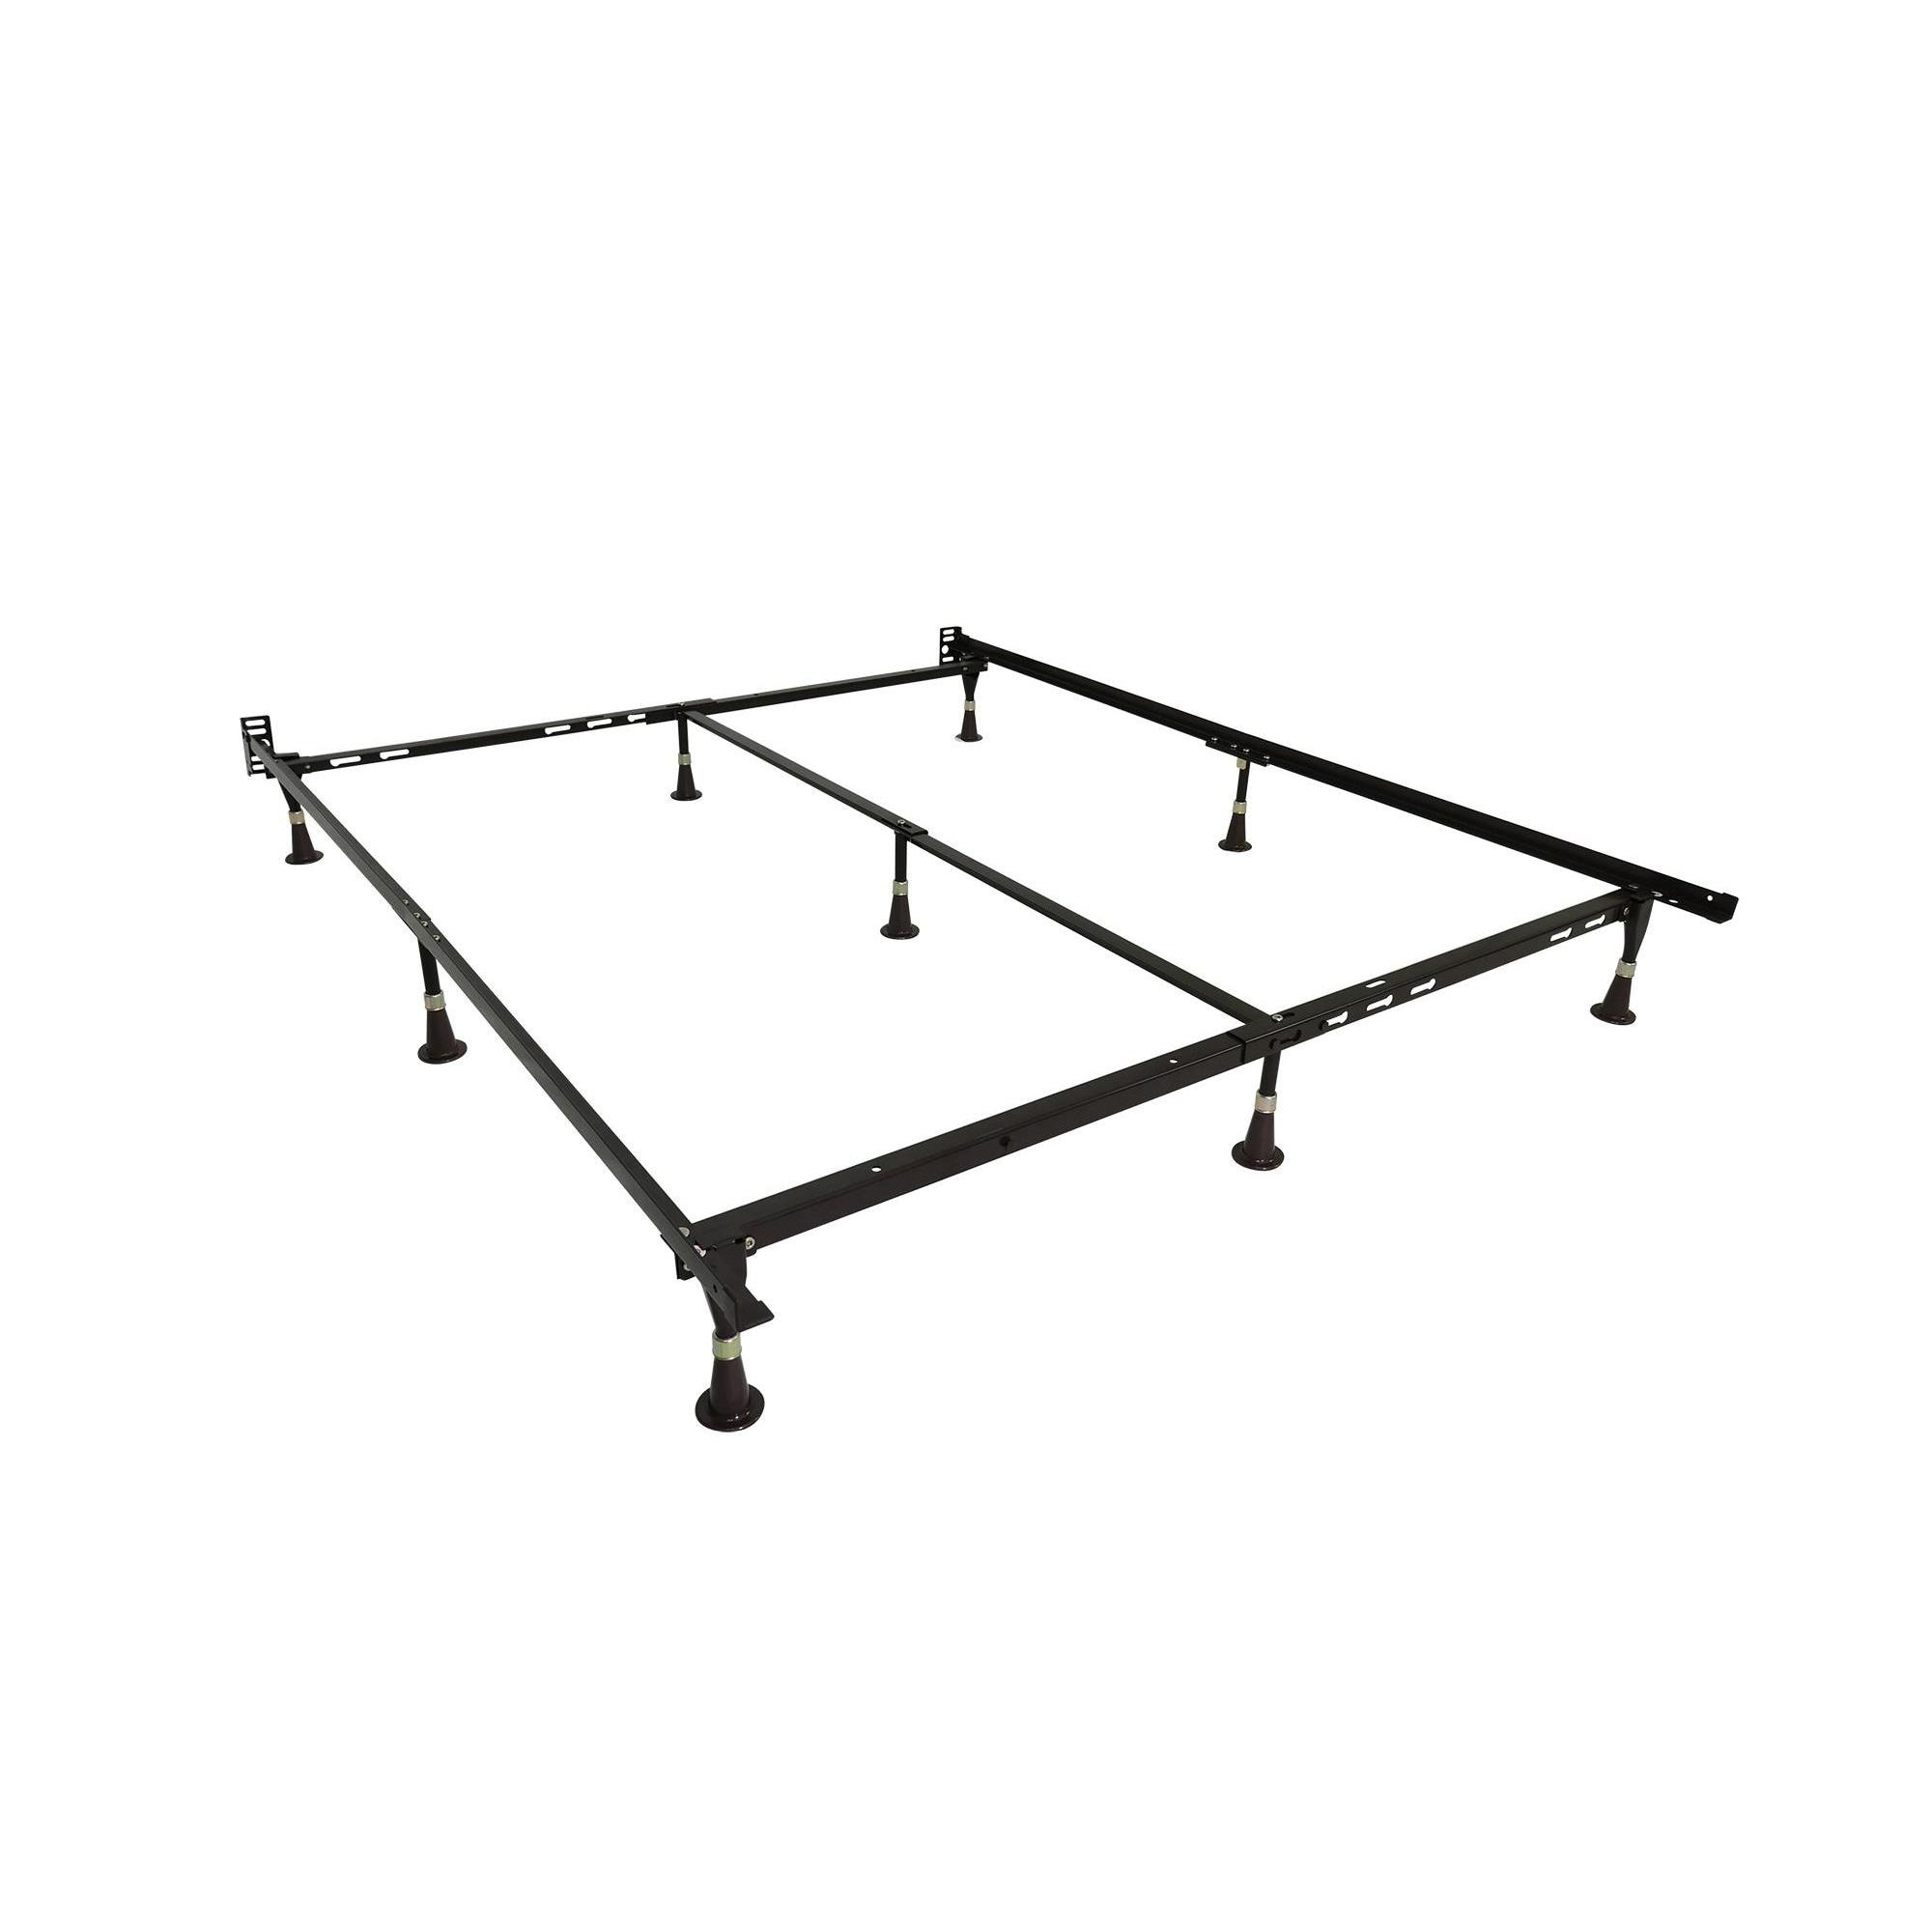 Shop DHP Signatutre Sleep Brown Metal Queen/King Adjustable Bed ...